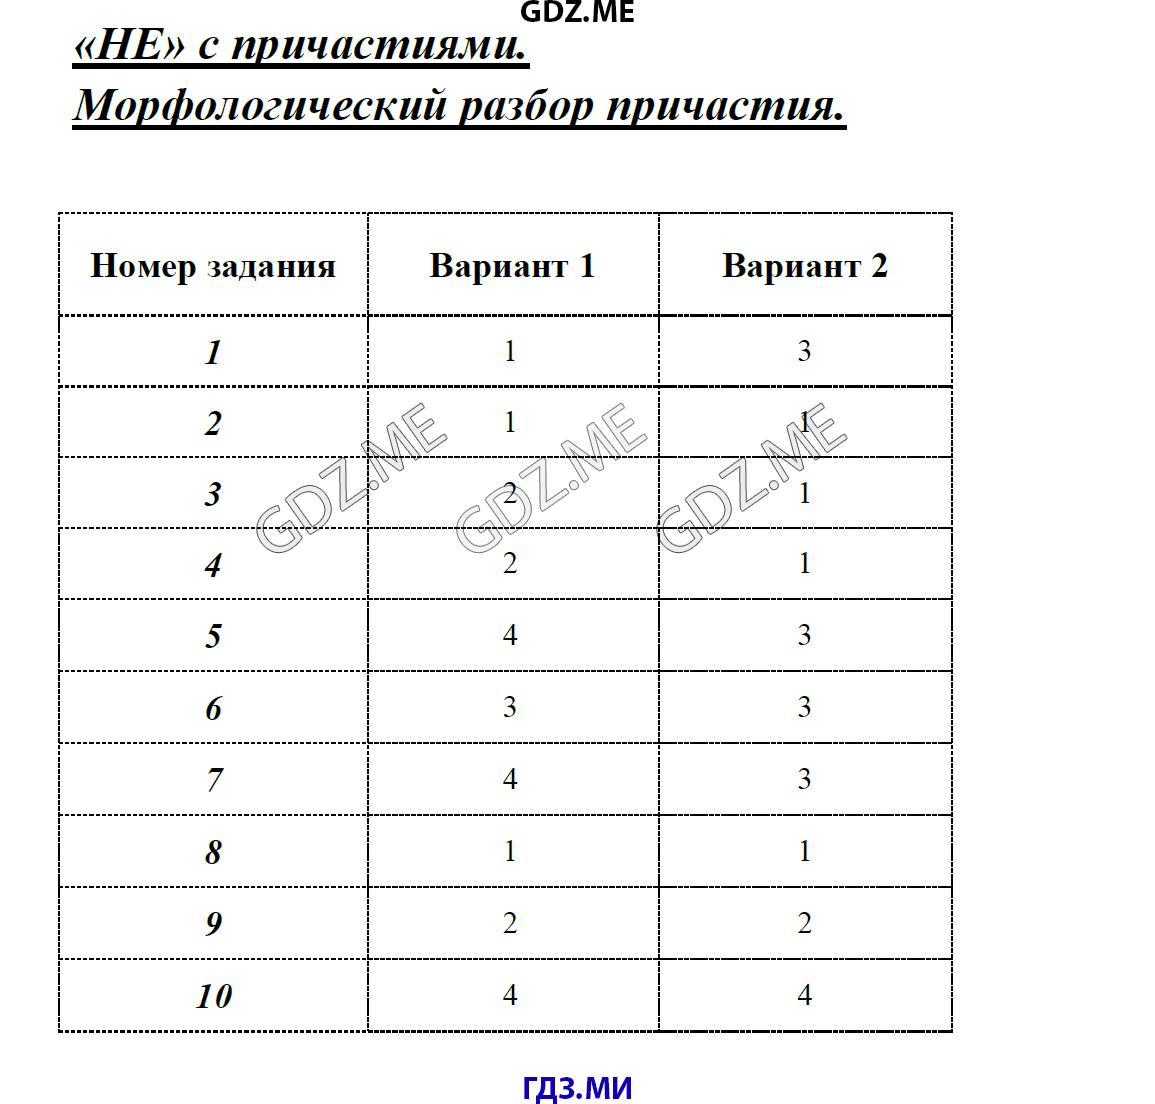 Гдз ответы на тест по русскому языку 7 класс тема причастия